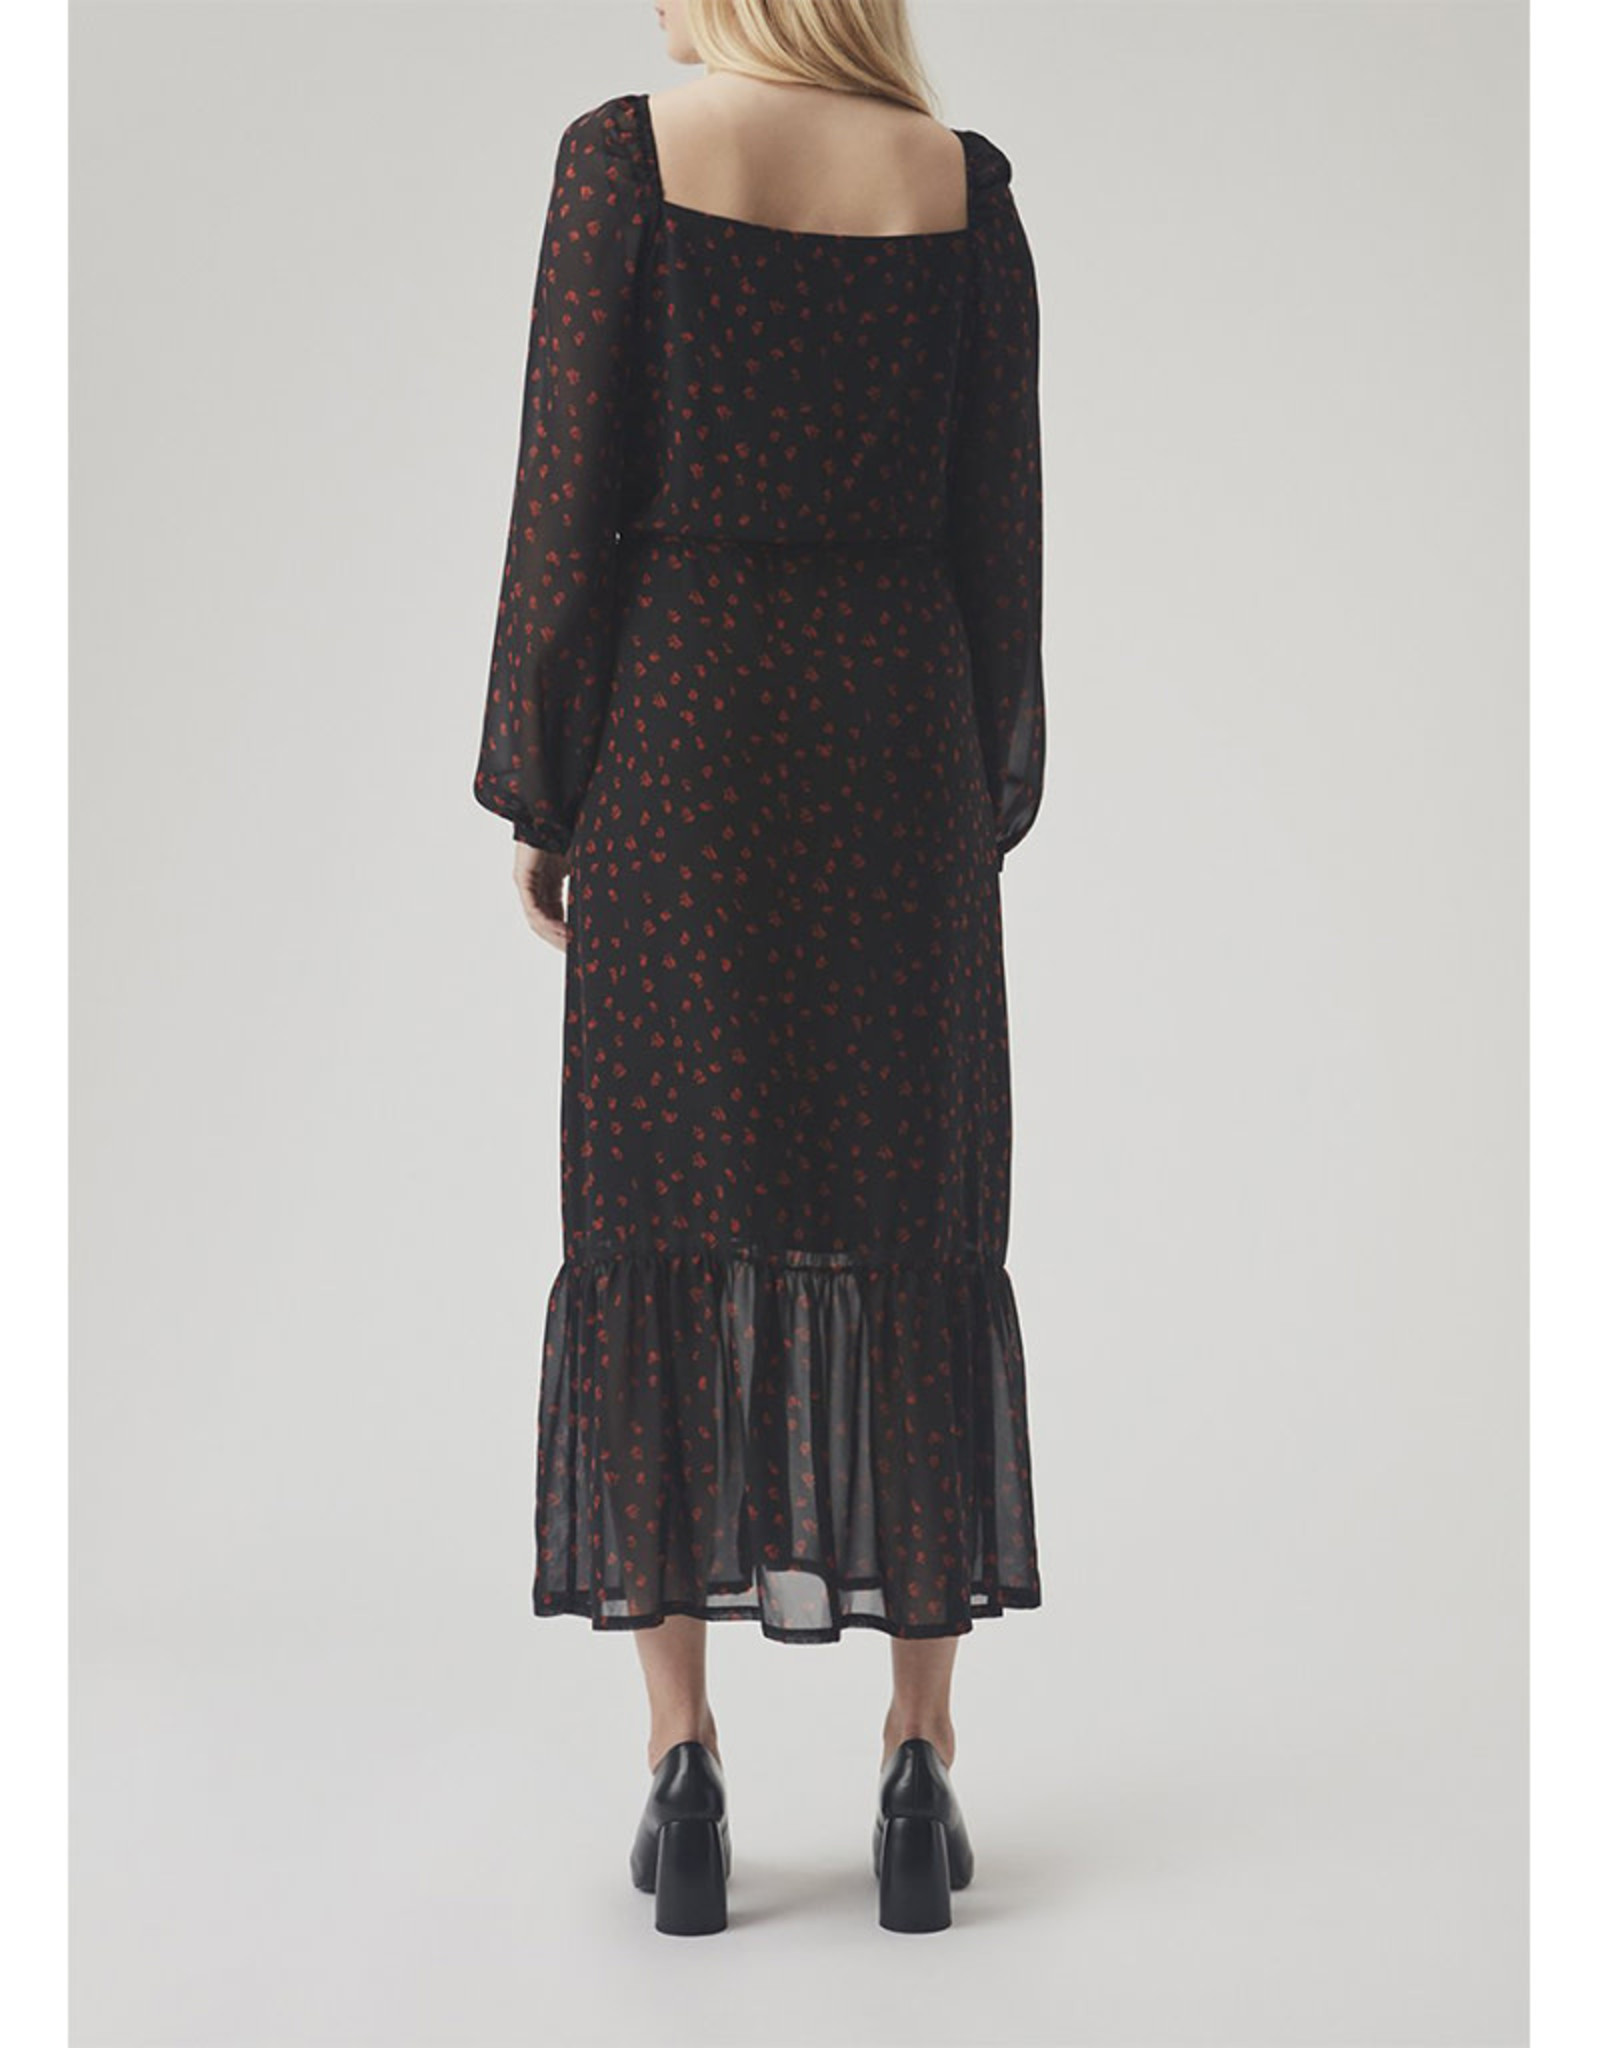 Modström Valery Print Dress